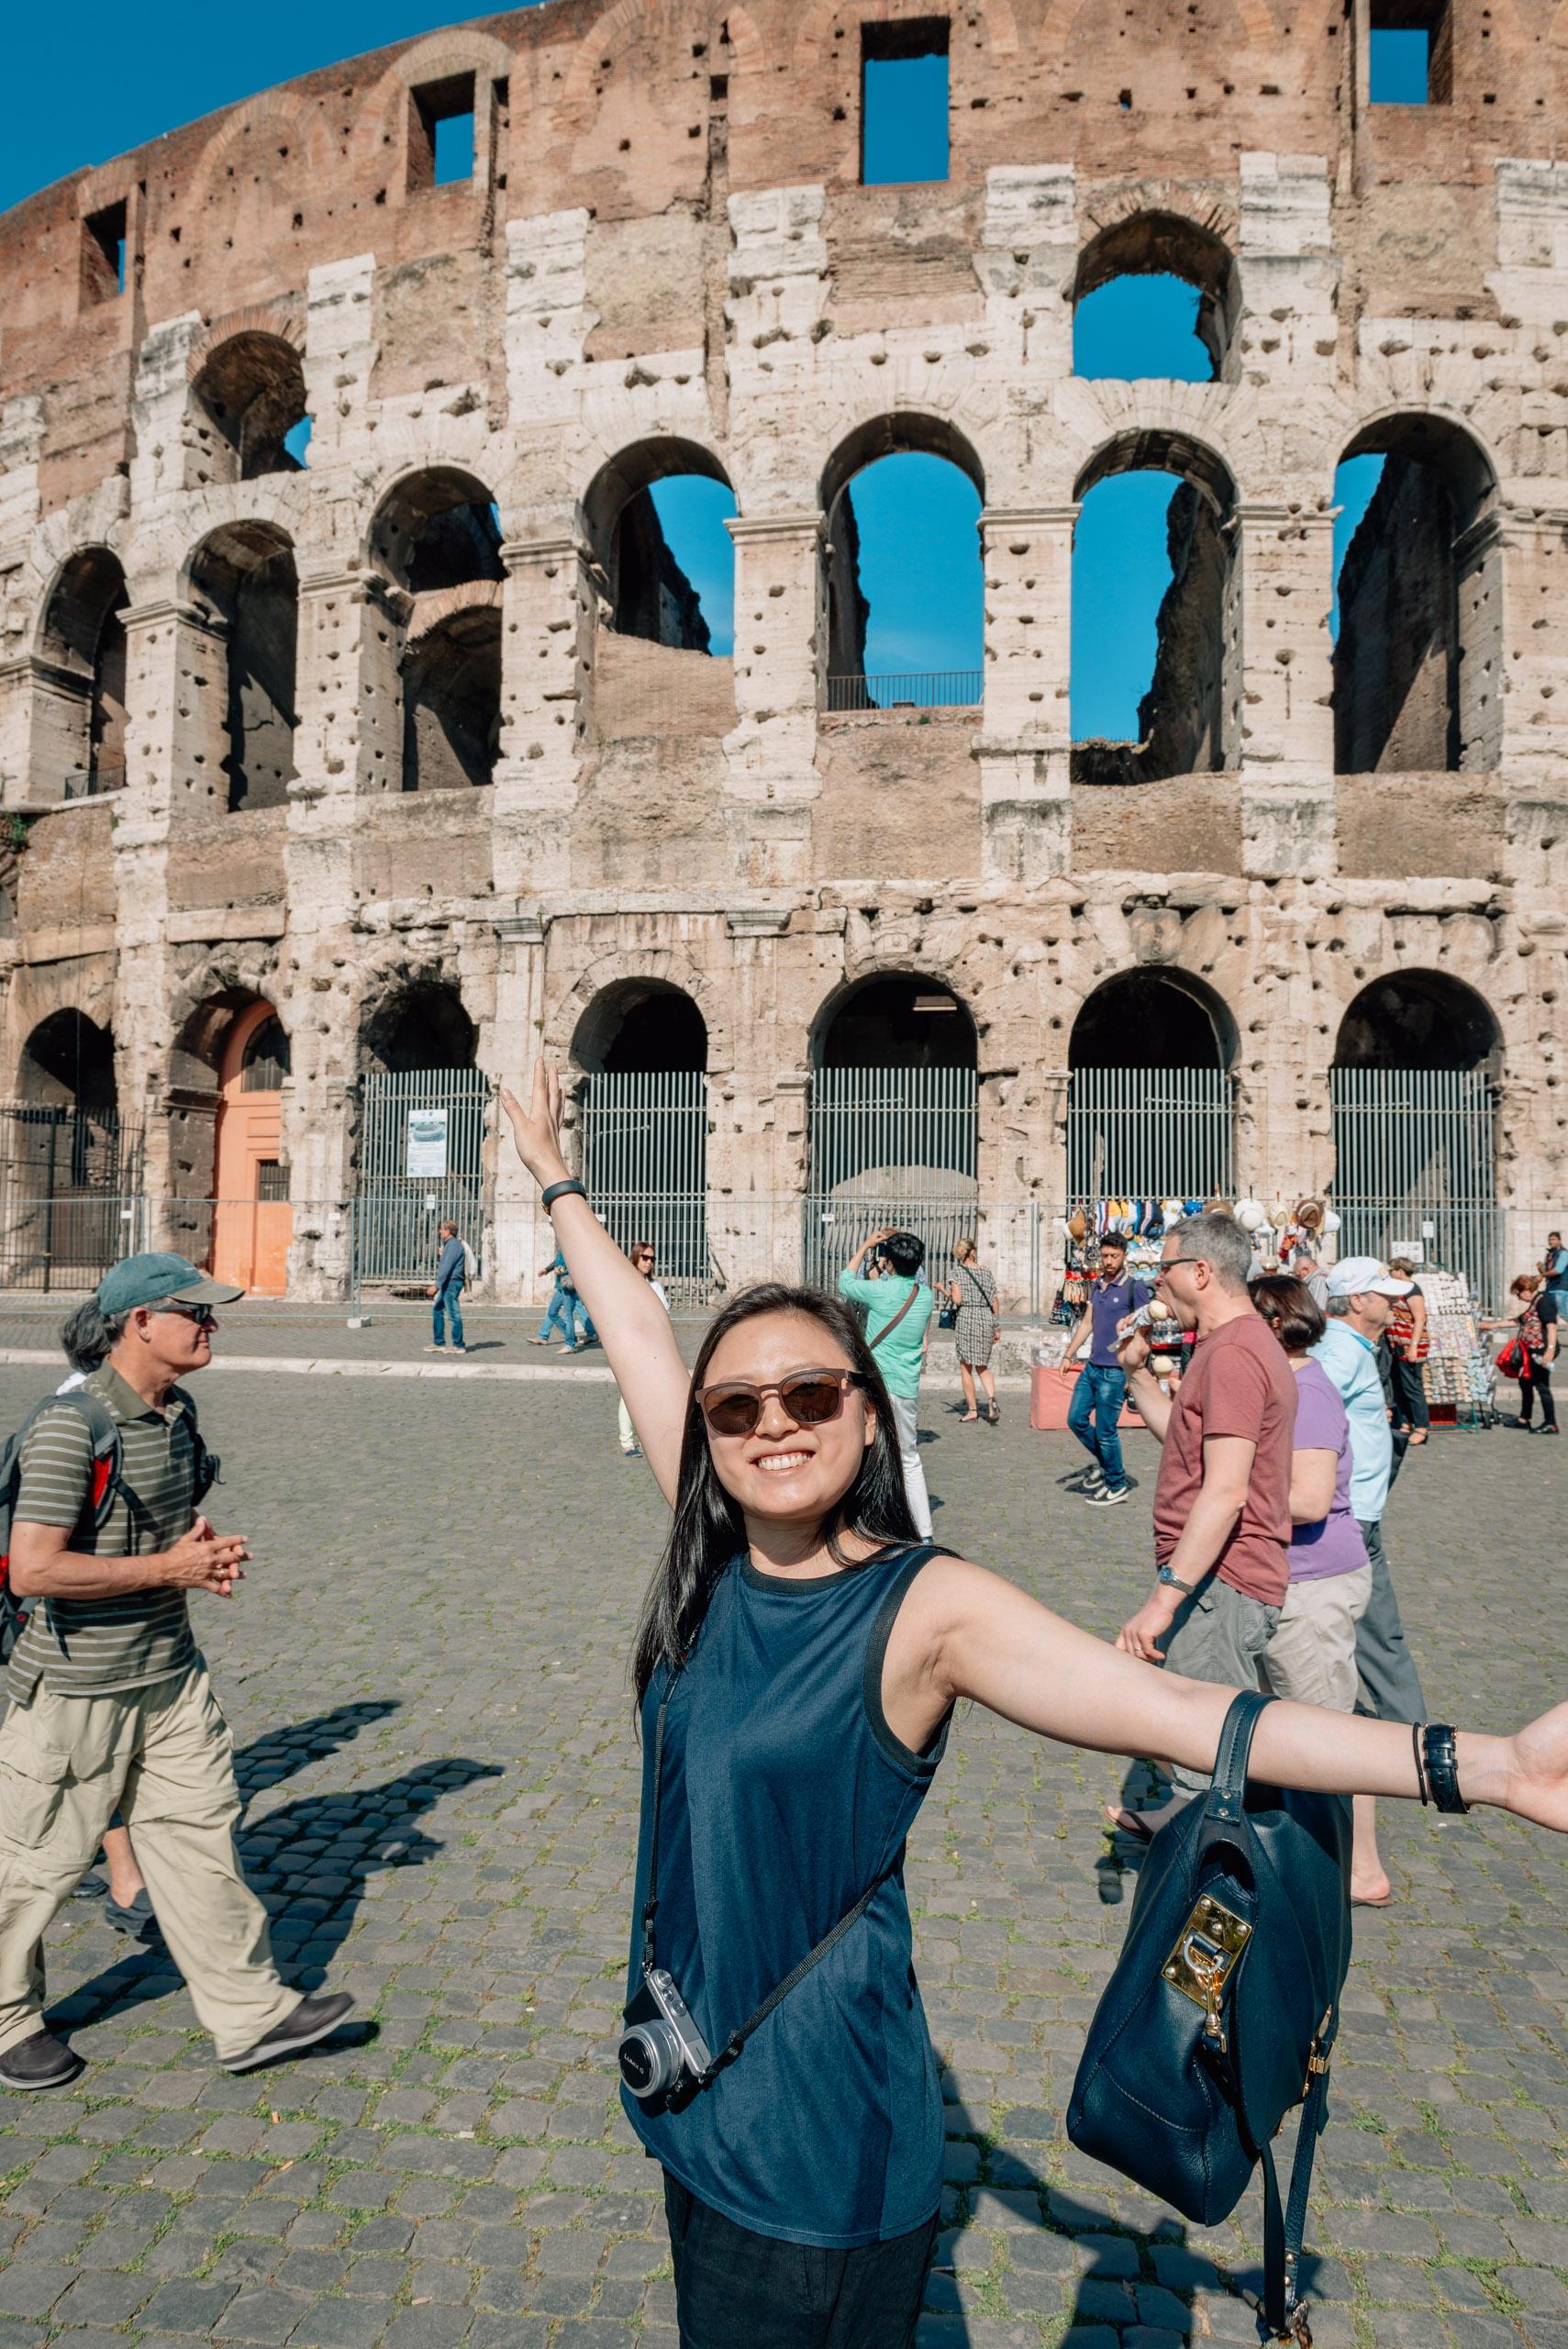 Jessica Still Enjoys the Coloseum